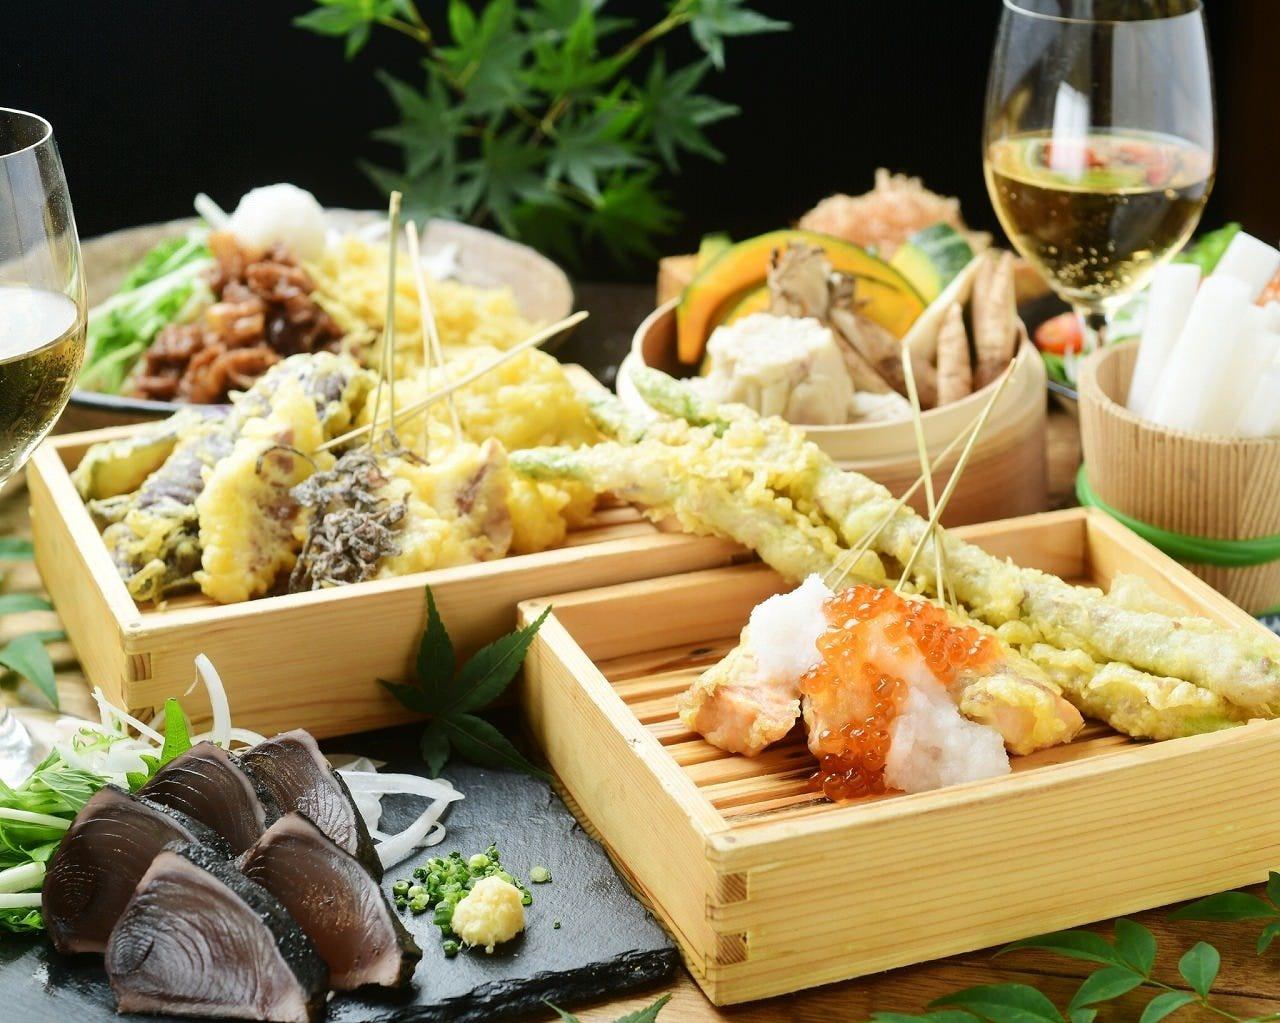 【春の宴会】KITSUNEの豪華コース 全12品★5,000円[120分飲み放題付]